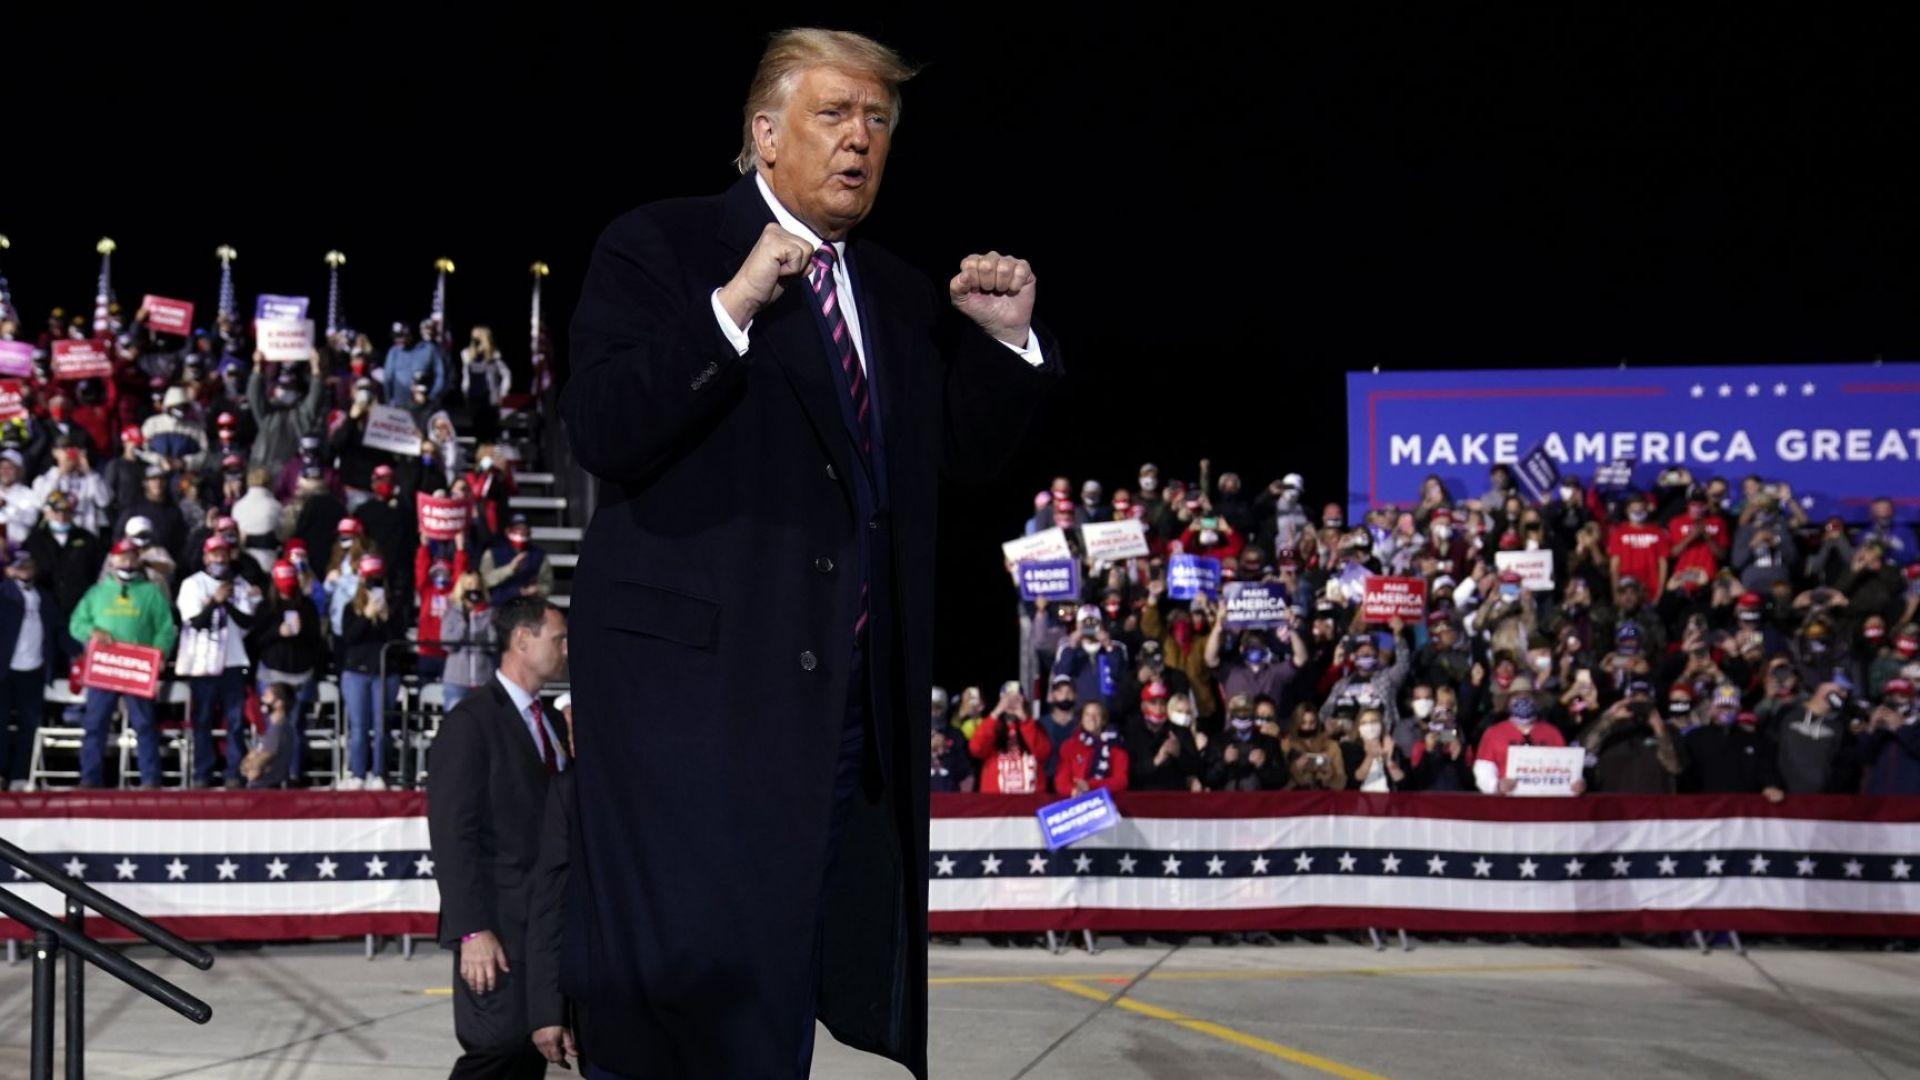 Тръмп: Аз съм стената, отделяща американската мечта от хаоса